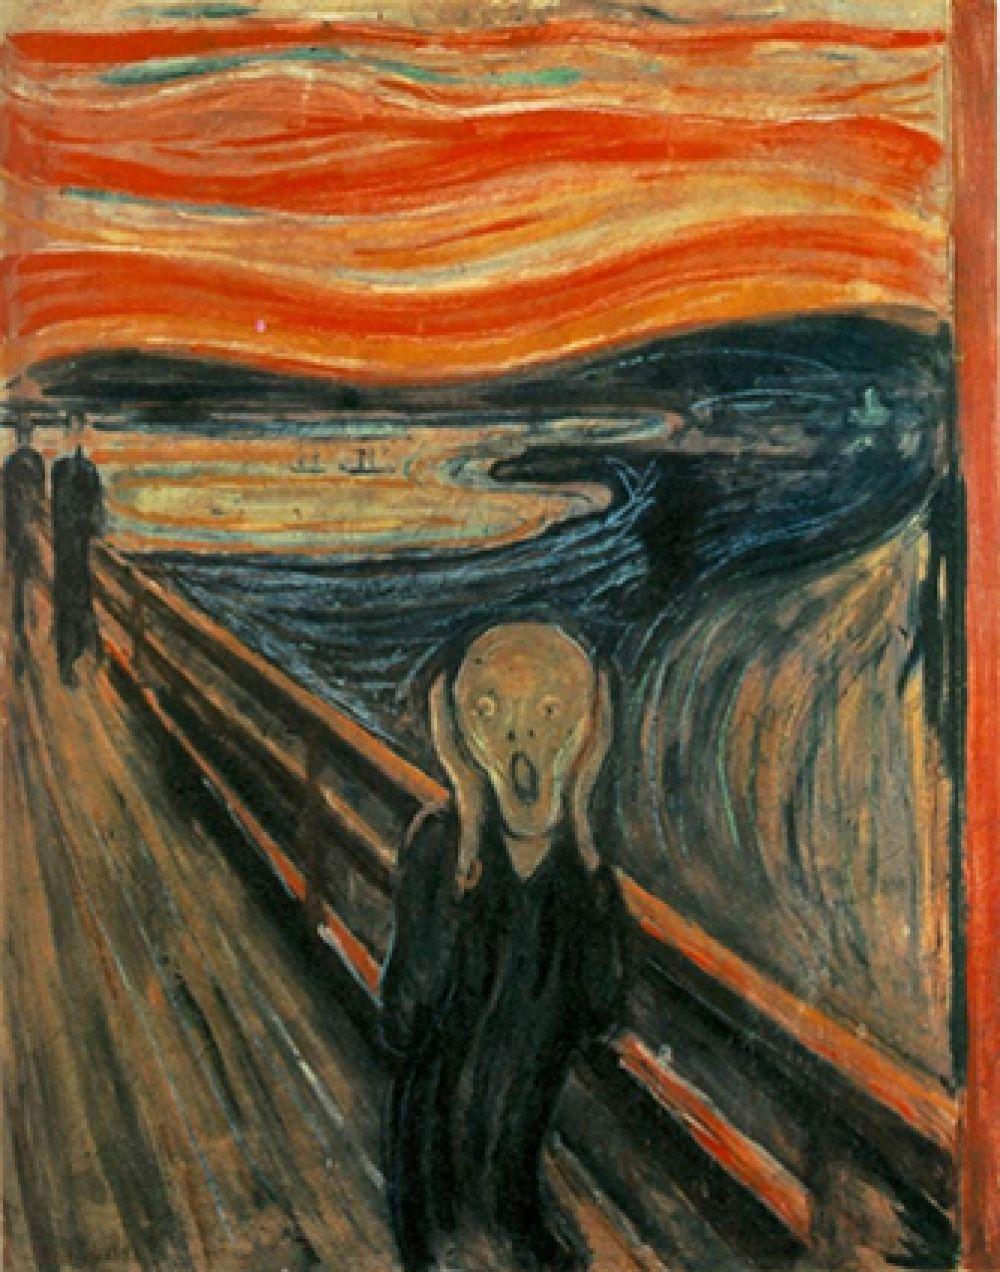 Далее следует «Крик» (4-я картина серии) Эдварда Мунка. Её цена продажи составила 119,9 млн долларов.